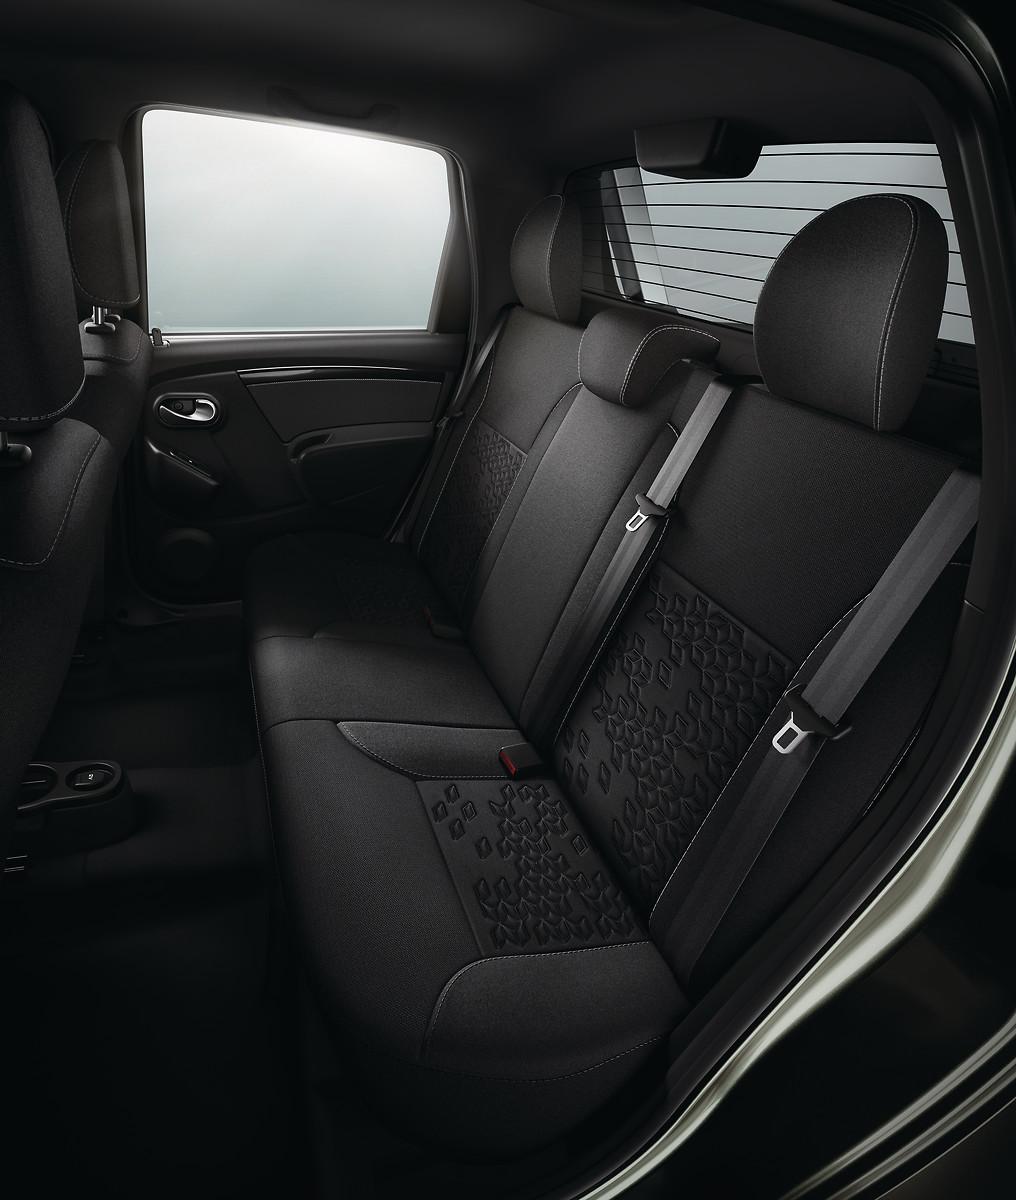 3-и трьохточечних ремені безпеки для заднього ряду сидінь